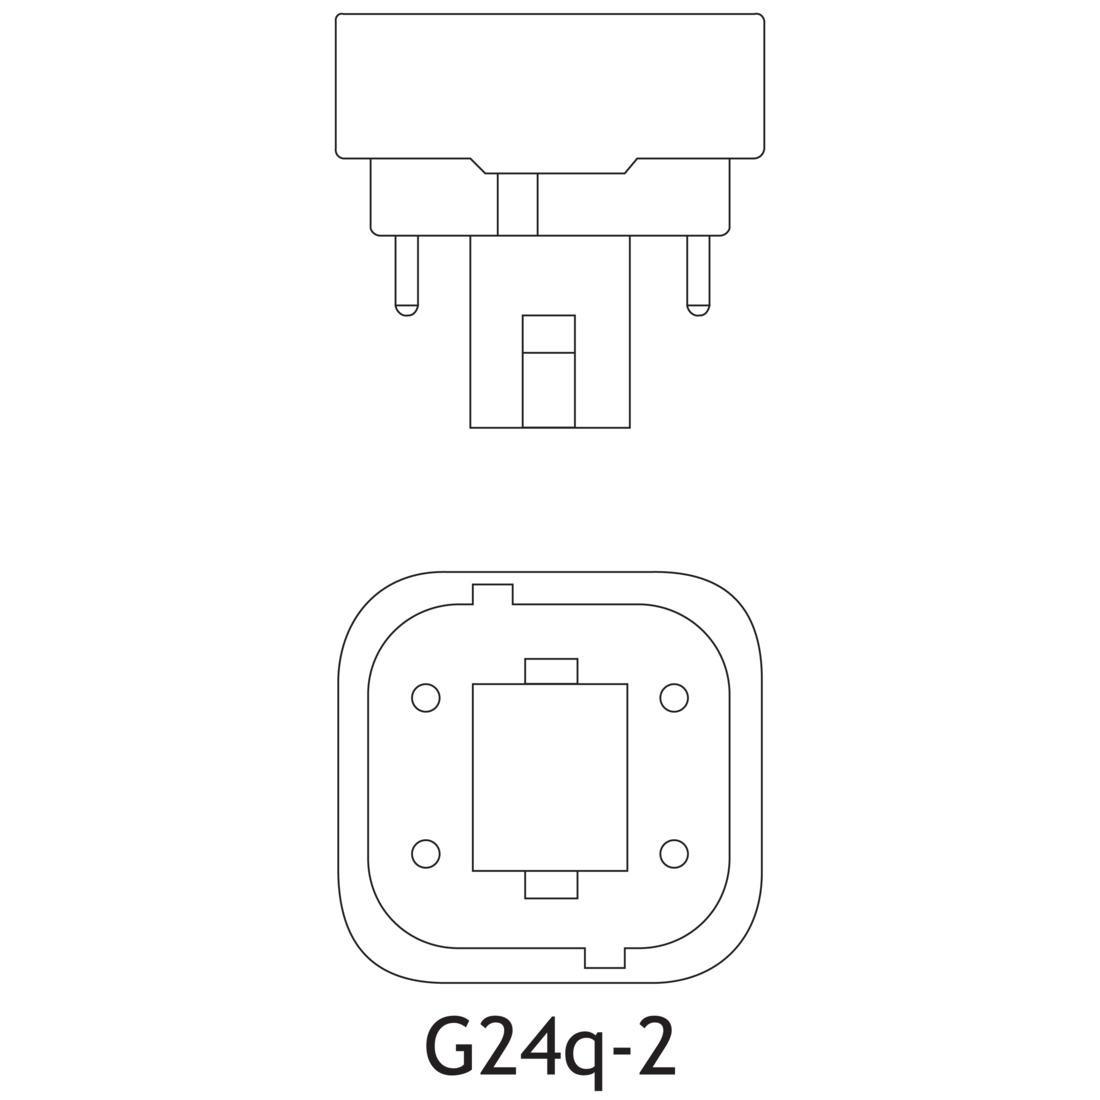 Ge F18dbx 841 Eco4p 18 Watt T4 Quad Tube Cfl K 82 Cri 4